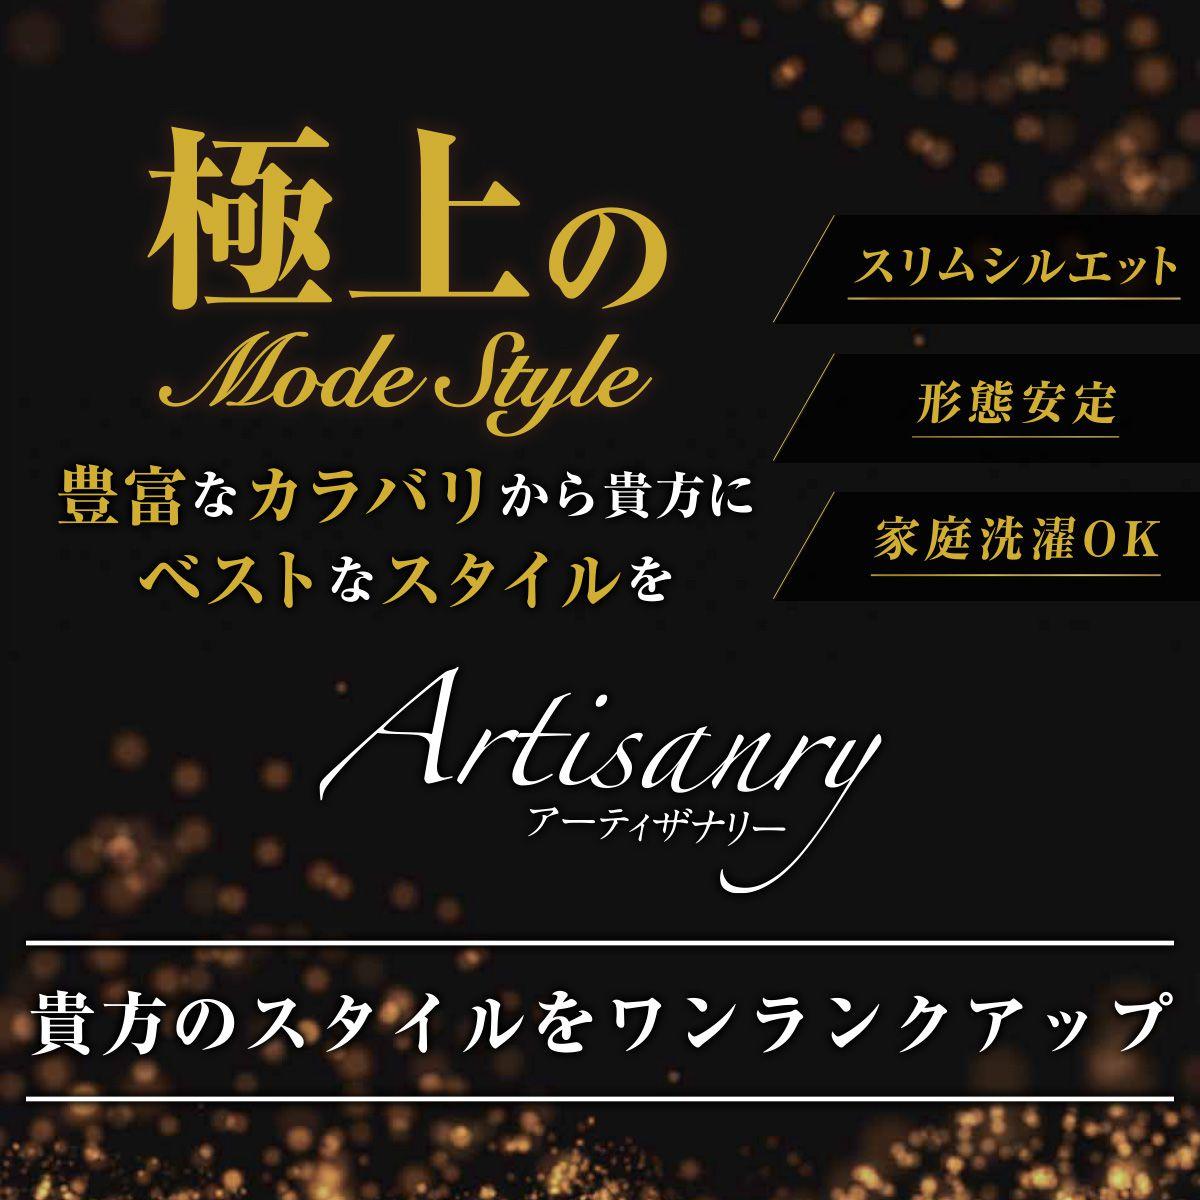 形態安定 ショートワイド ワイシャツ 長袖 【Artisanry】